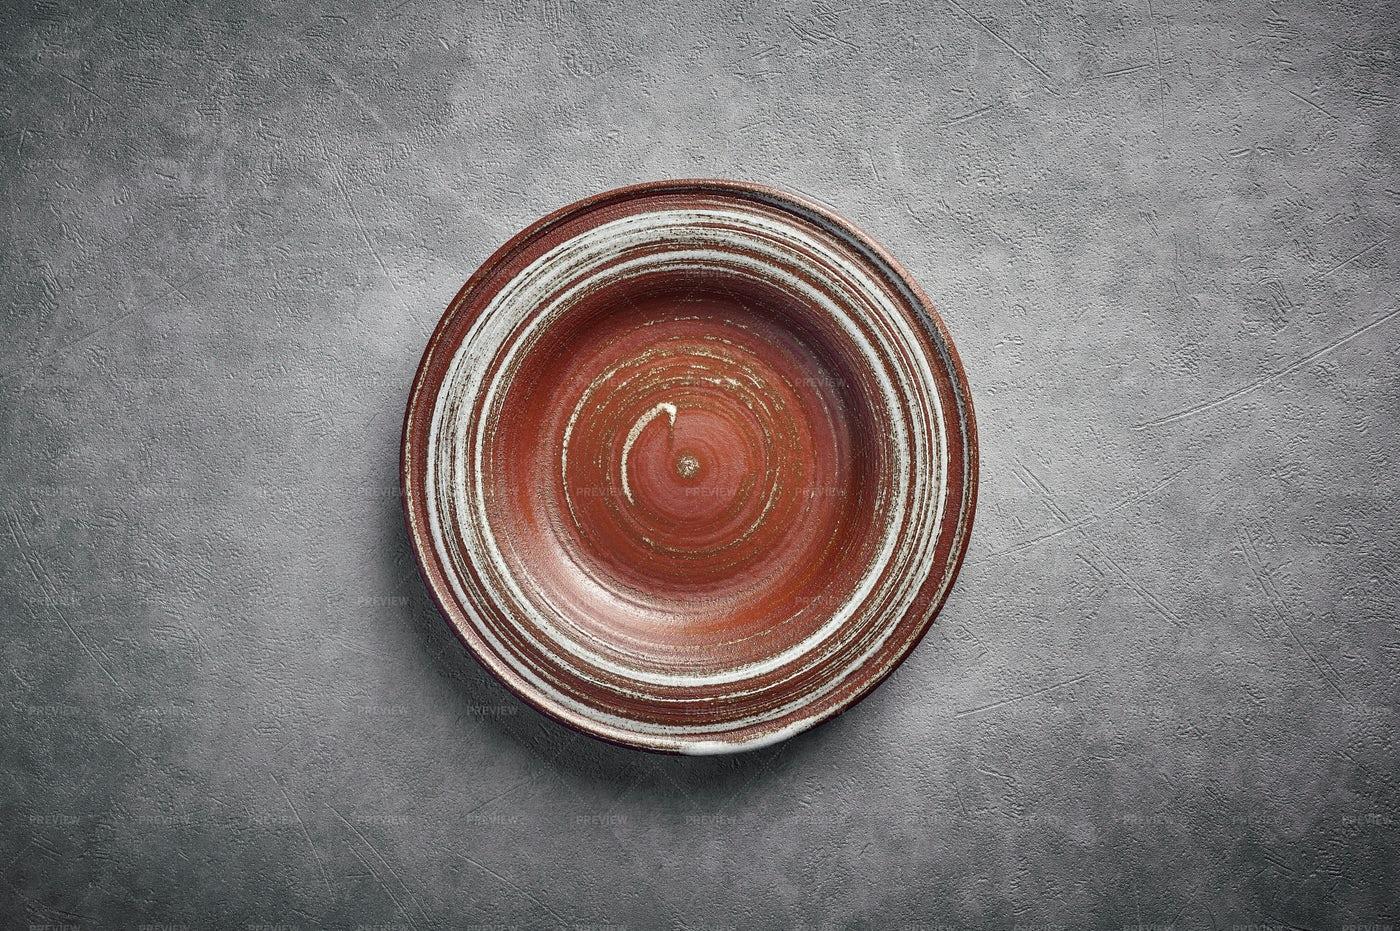 Blank Ceramic Brown Plate: Stock Photos